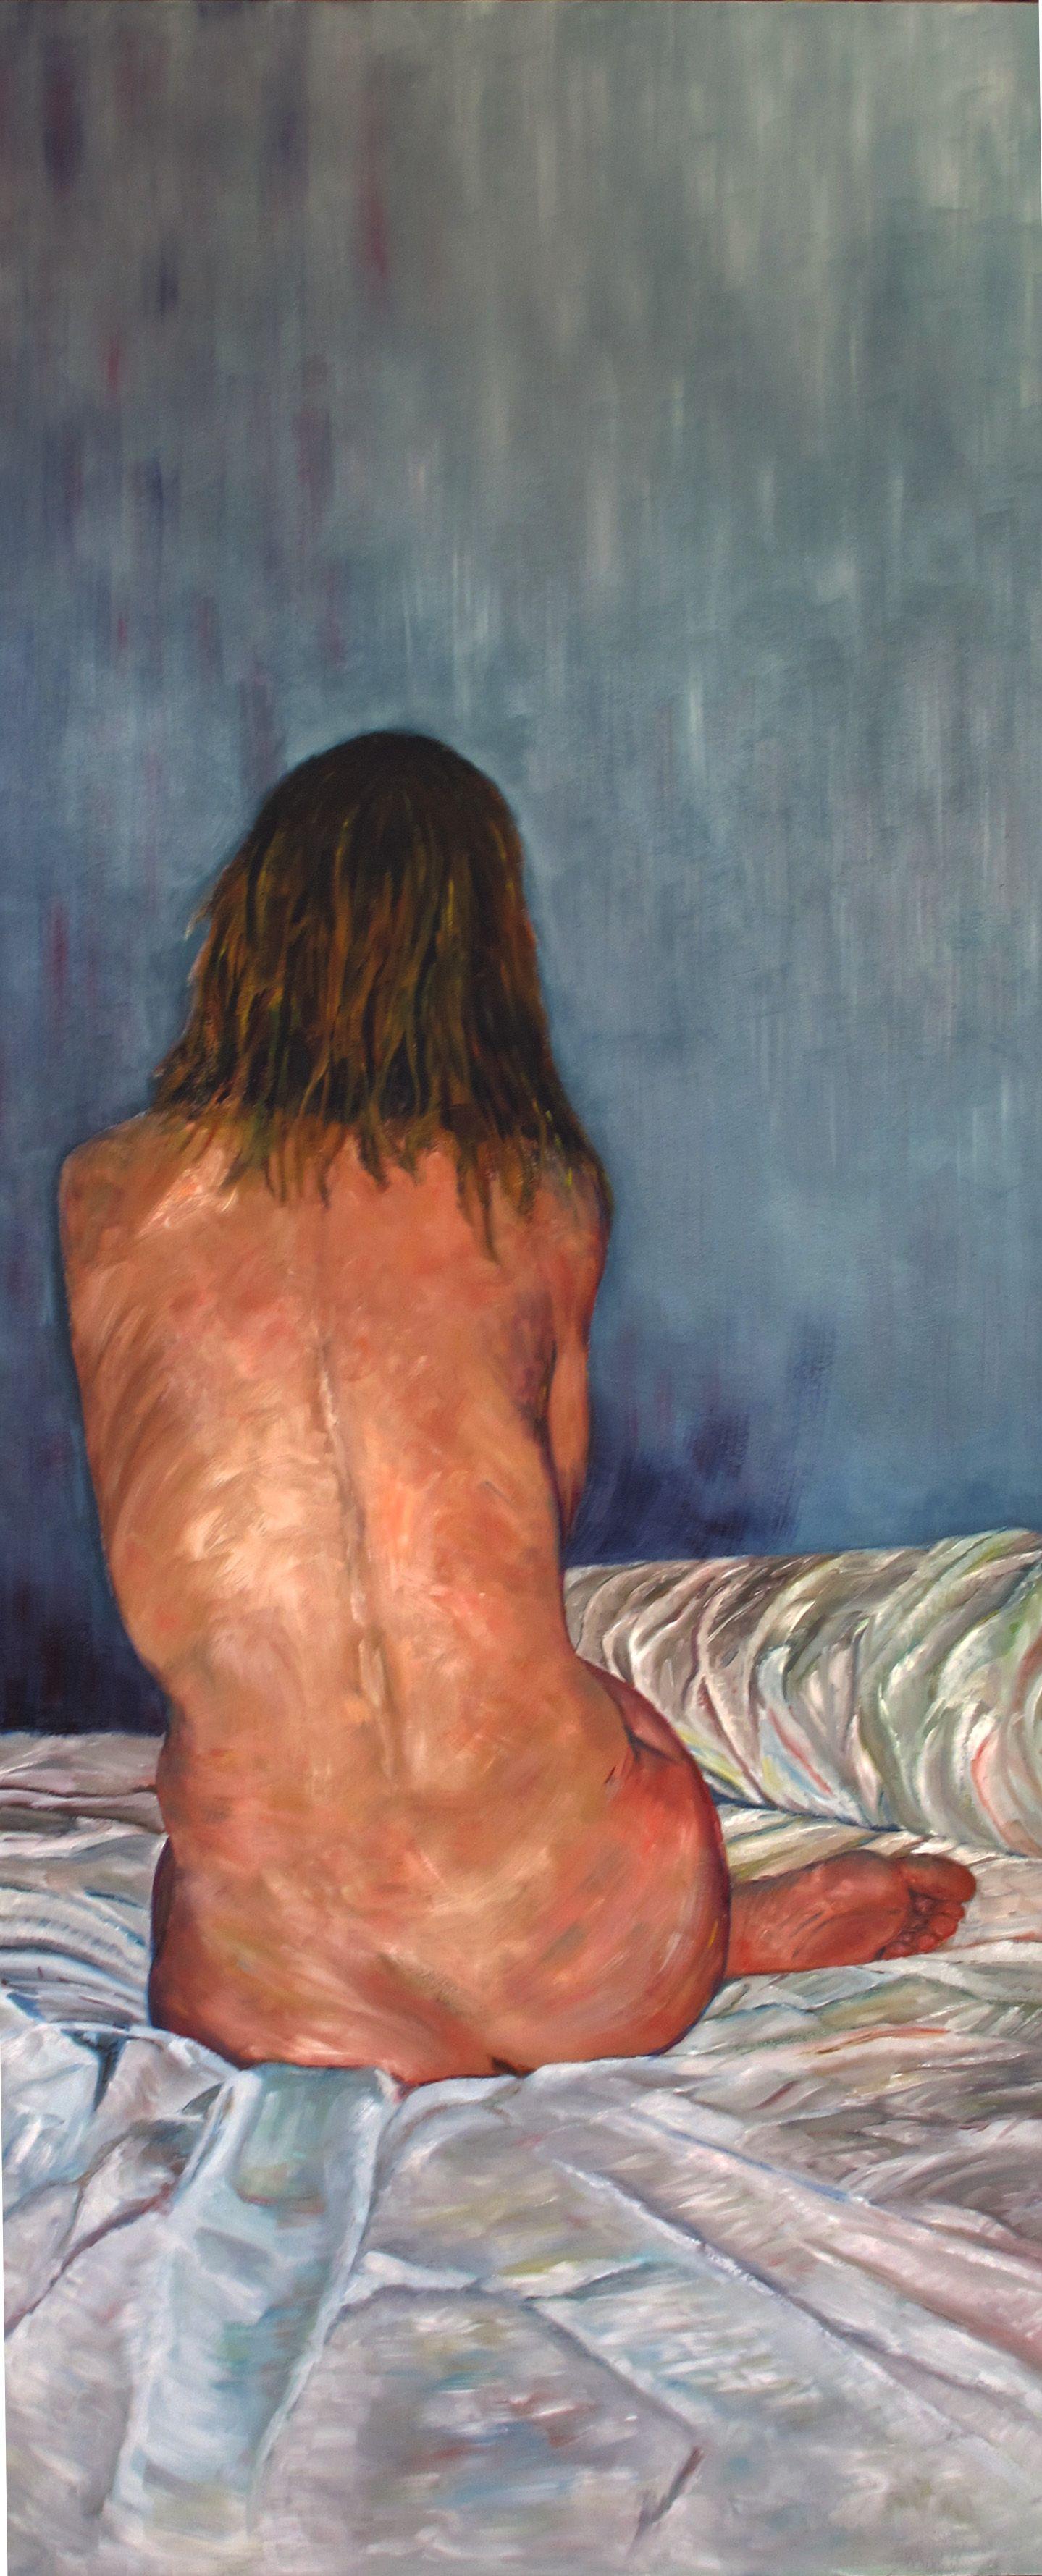 ella, mi musa por siempre, la que me inspira y me inspirará! -oil on board 120x50cm- on sale: 1500.00€